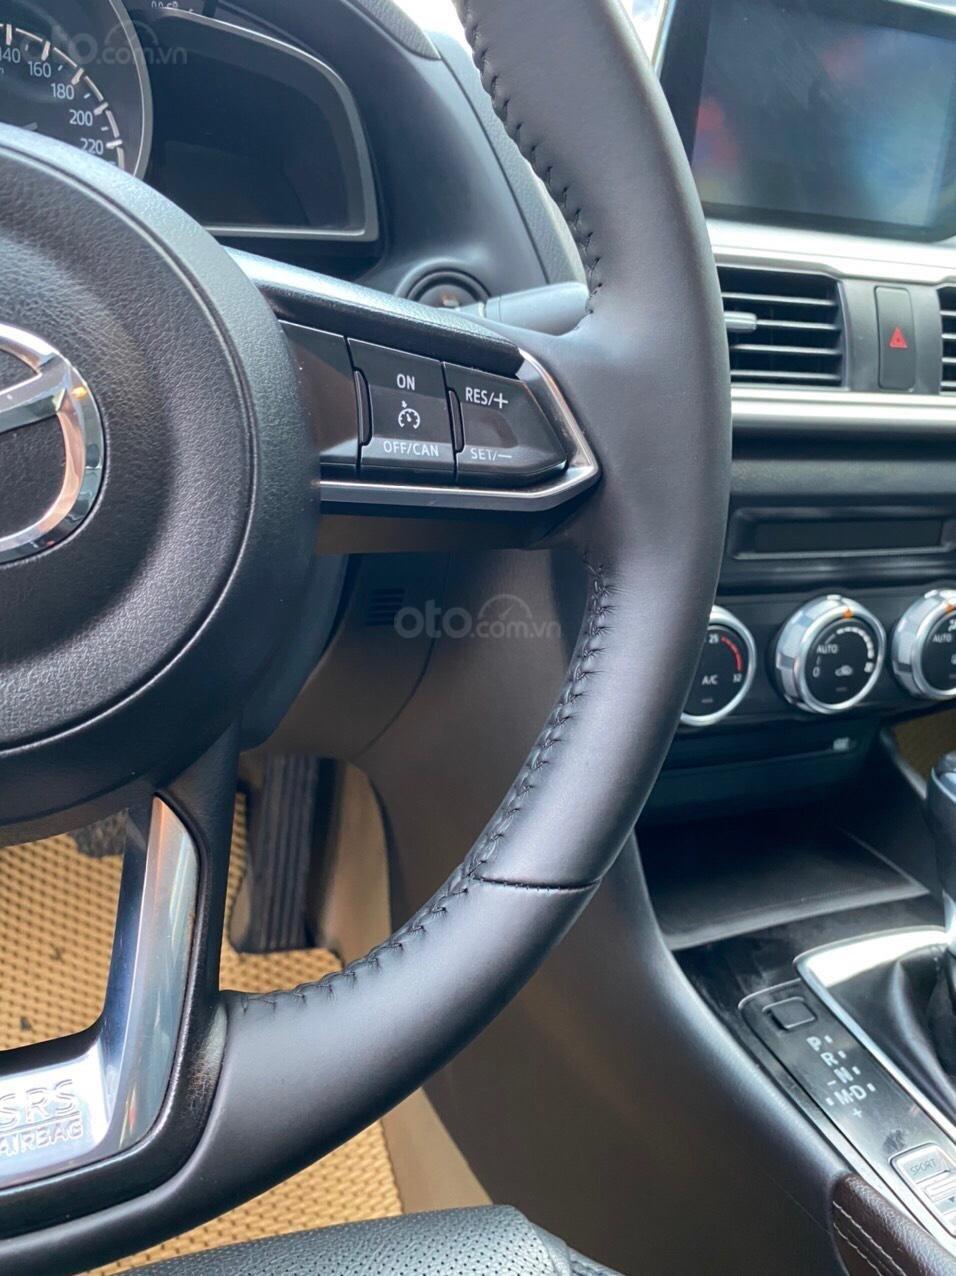 Mazda 3 sản xuất 2017 đang trên đường về nhà. Xe cực đẹp, giá 540 triệu (4)